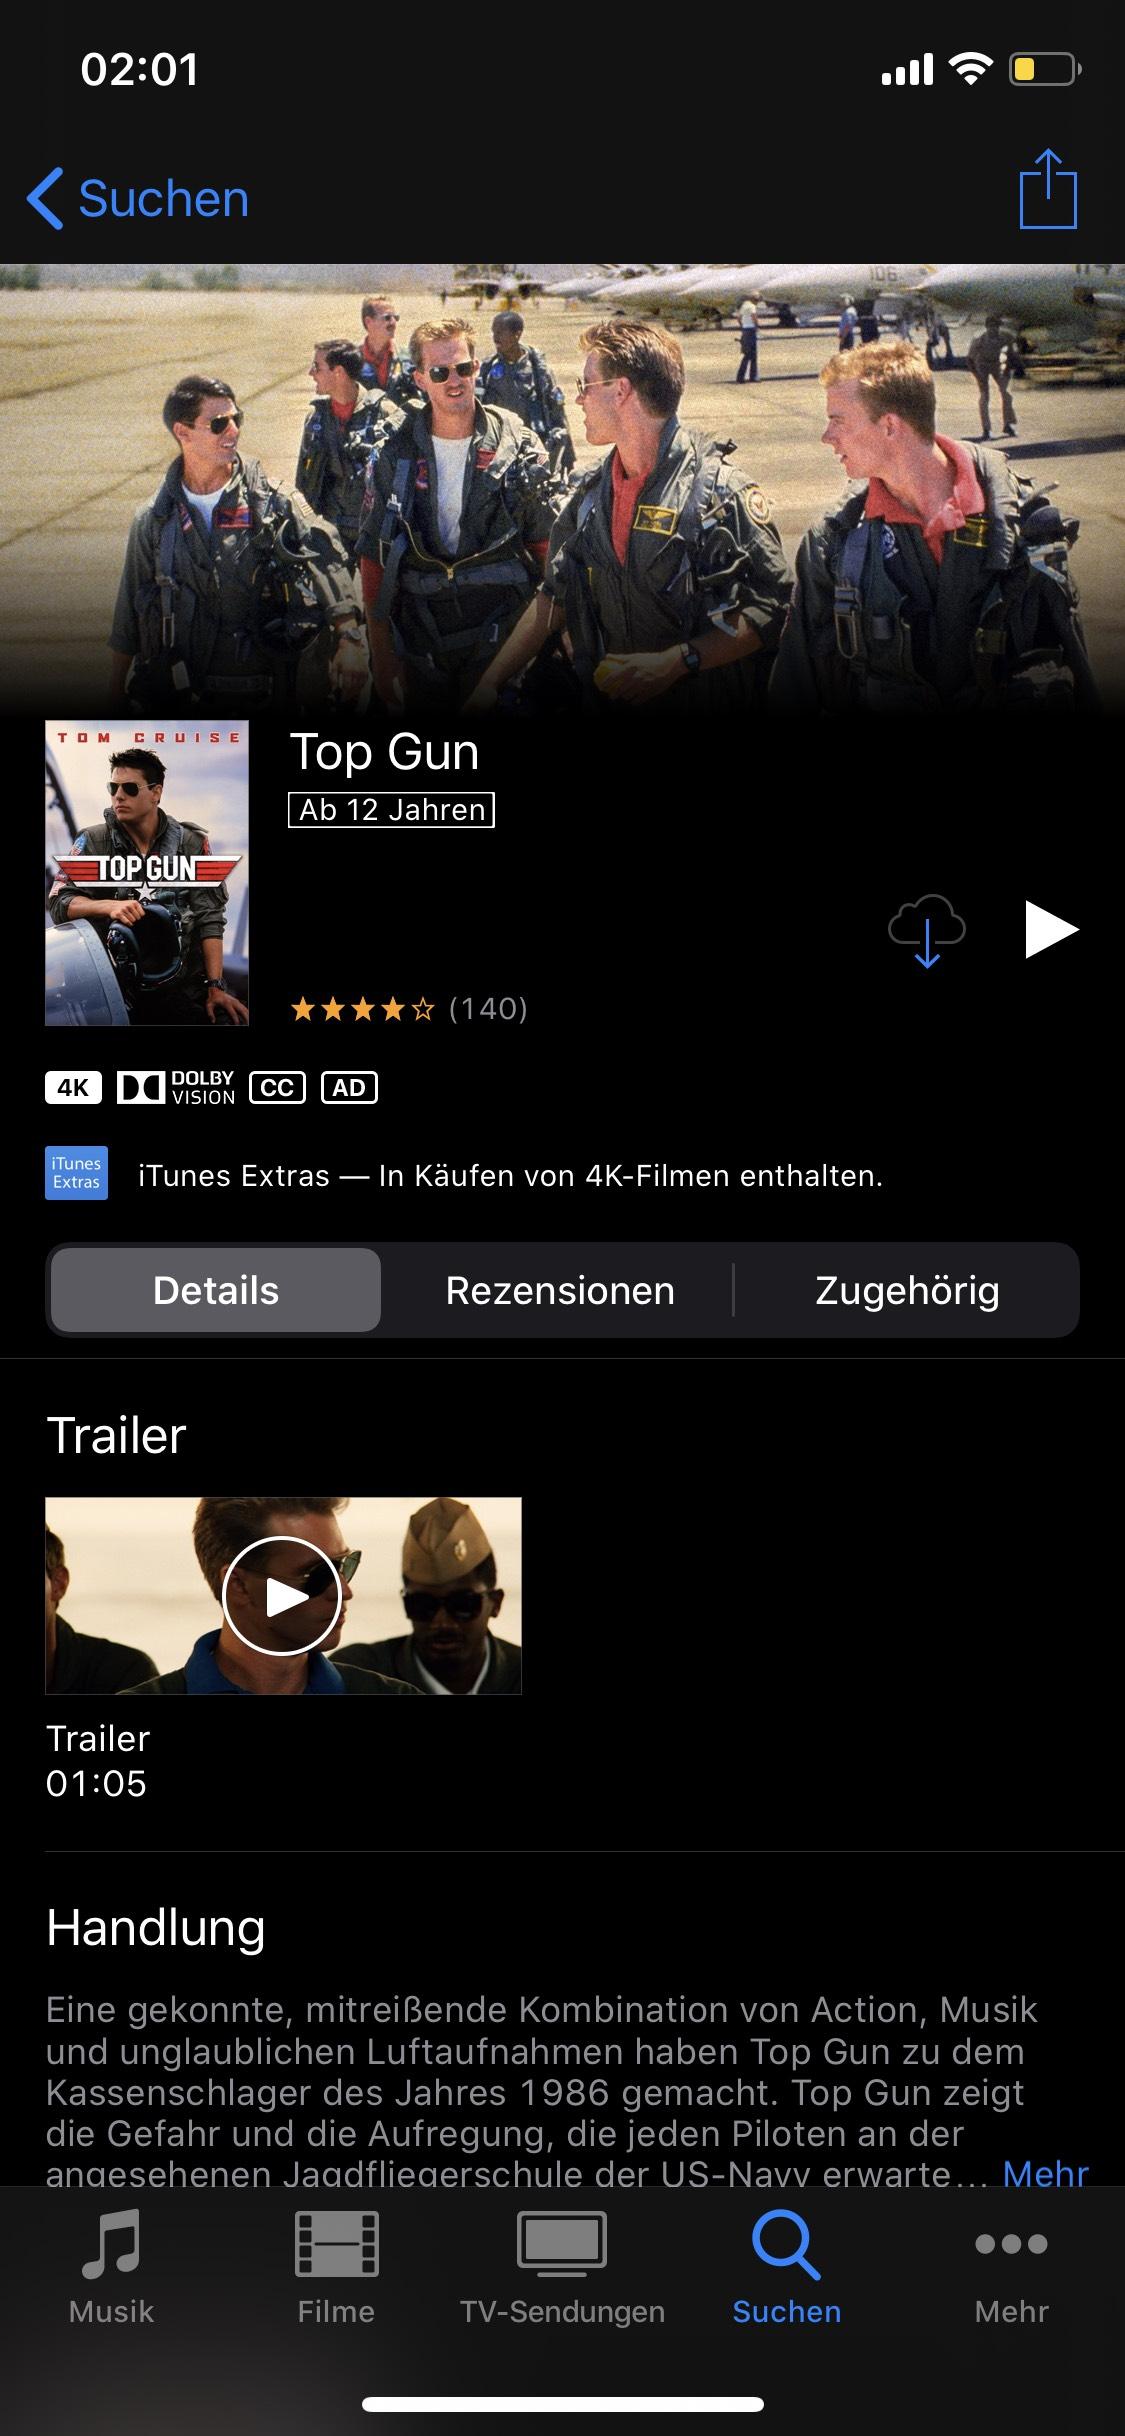 Top Gun in 4K und Dolby Vision bei iTunes